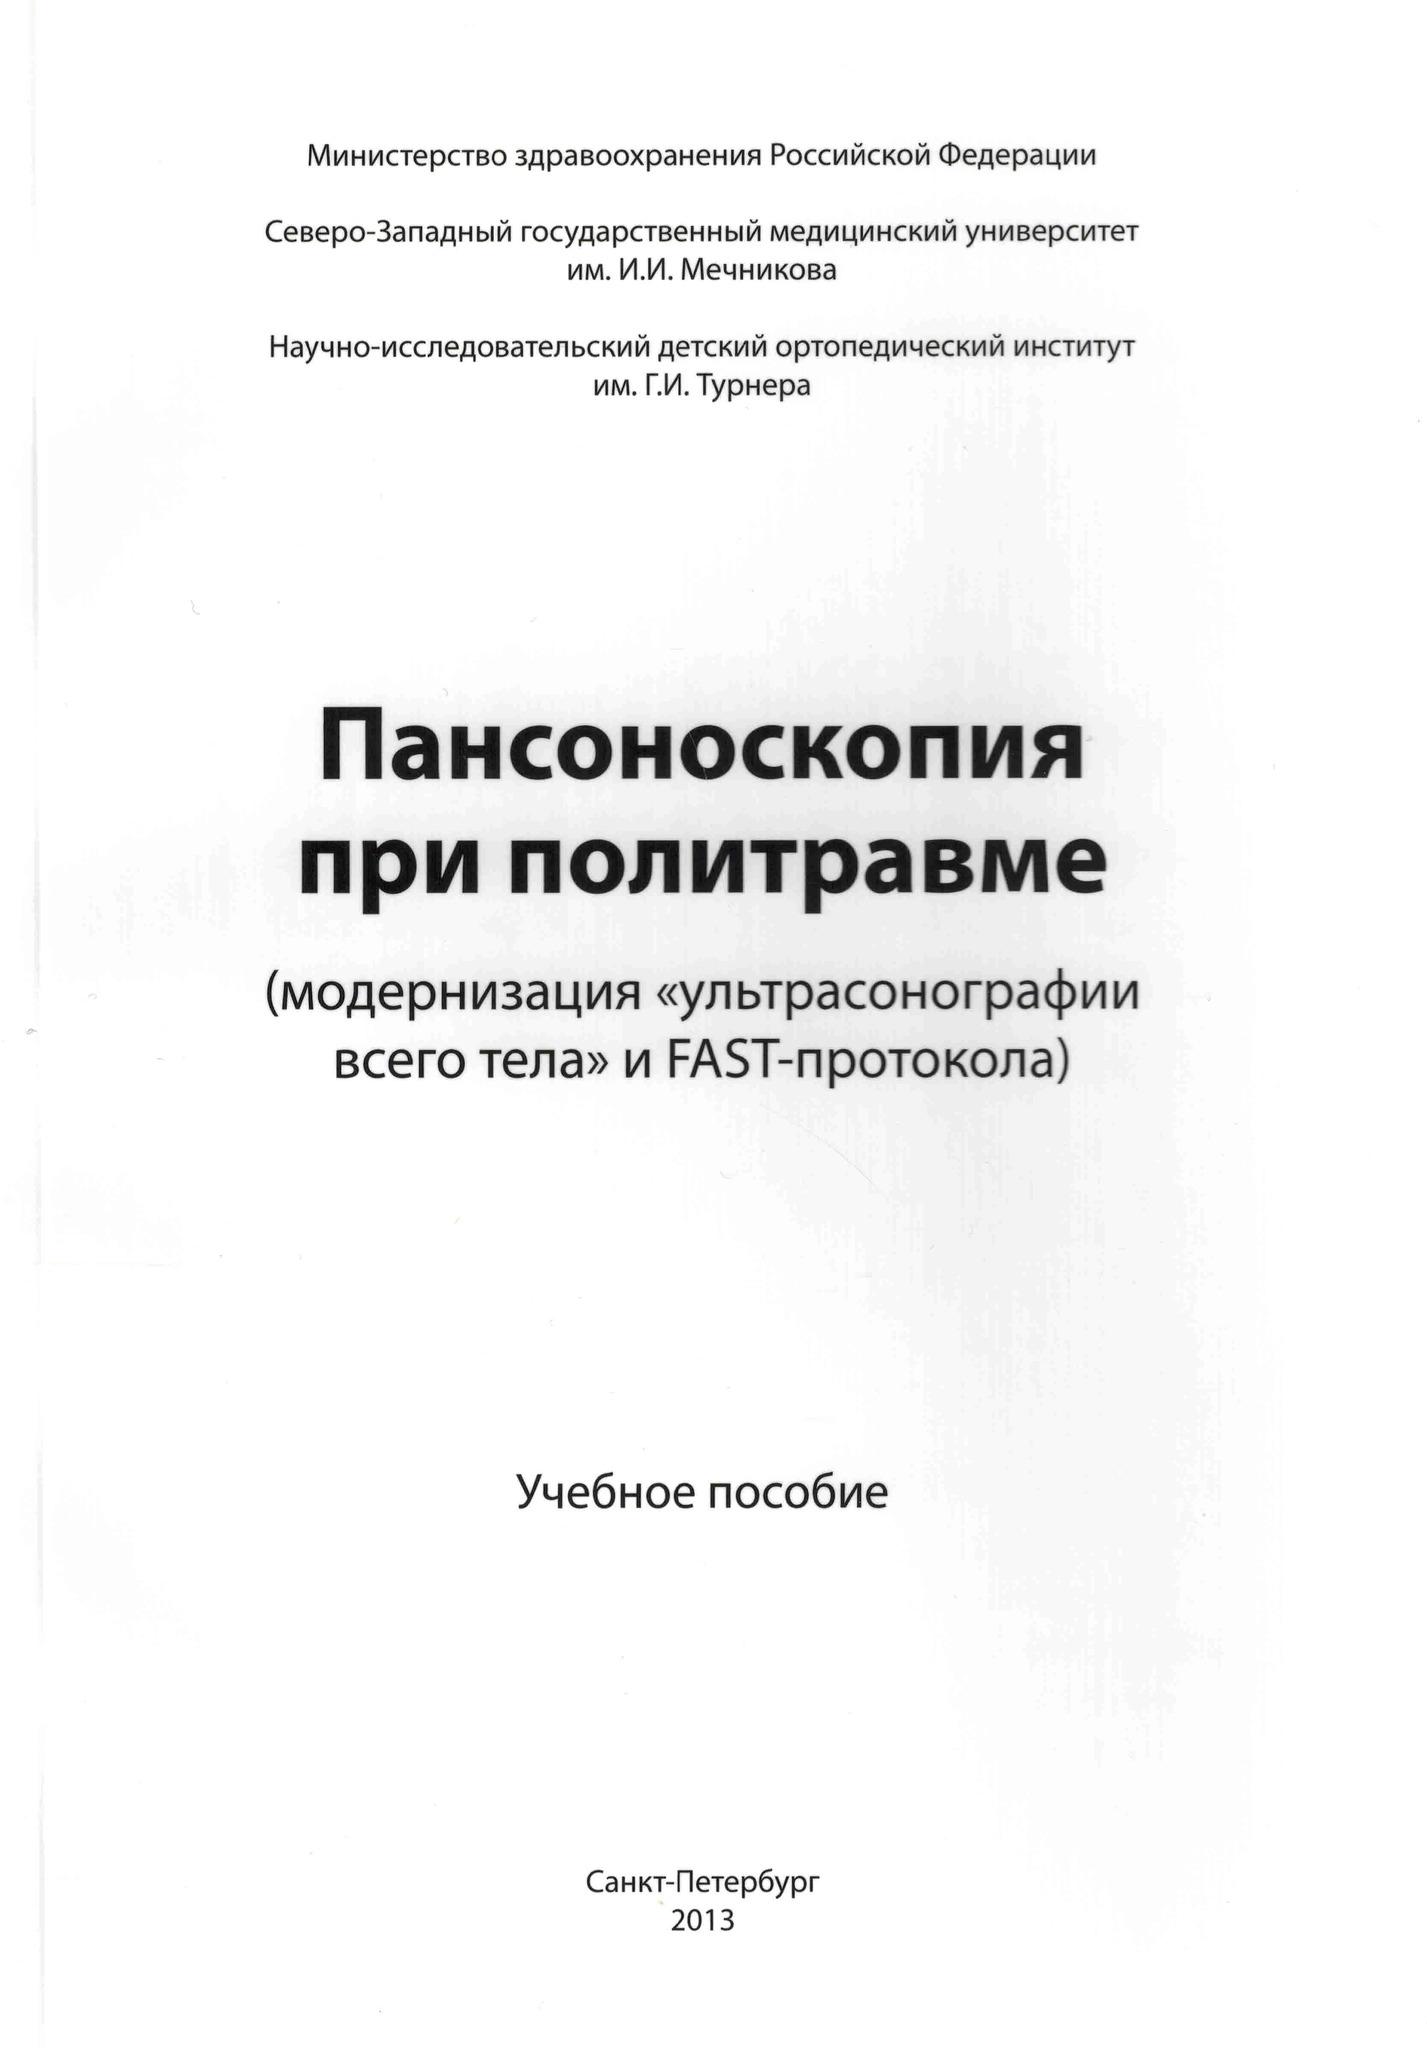 """Книги по ультразвуковому исследованию Пансоноскопия при политравме (модернизация """"ультрасонографии всего тела"""" и FAST-протокола) panson.jpg"""